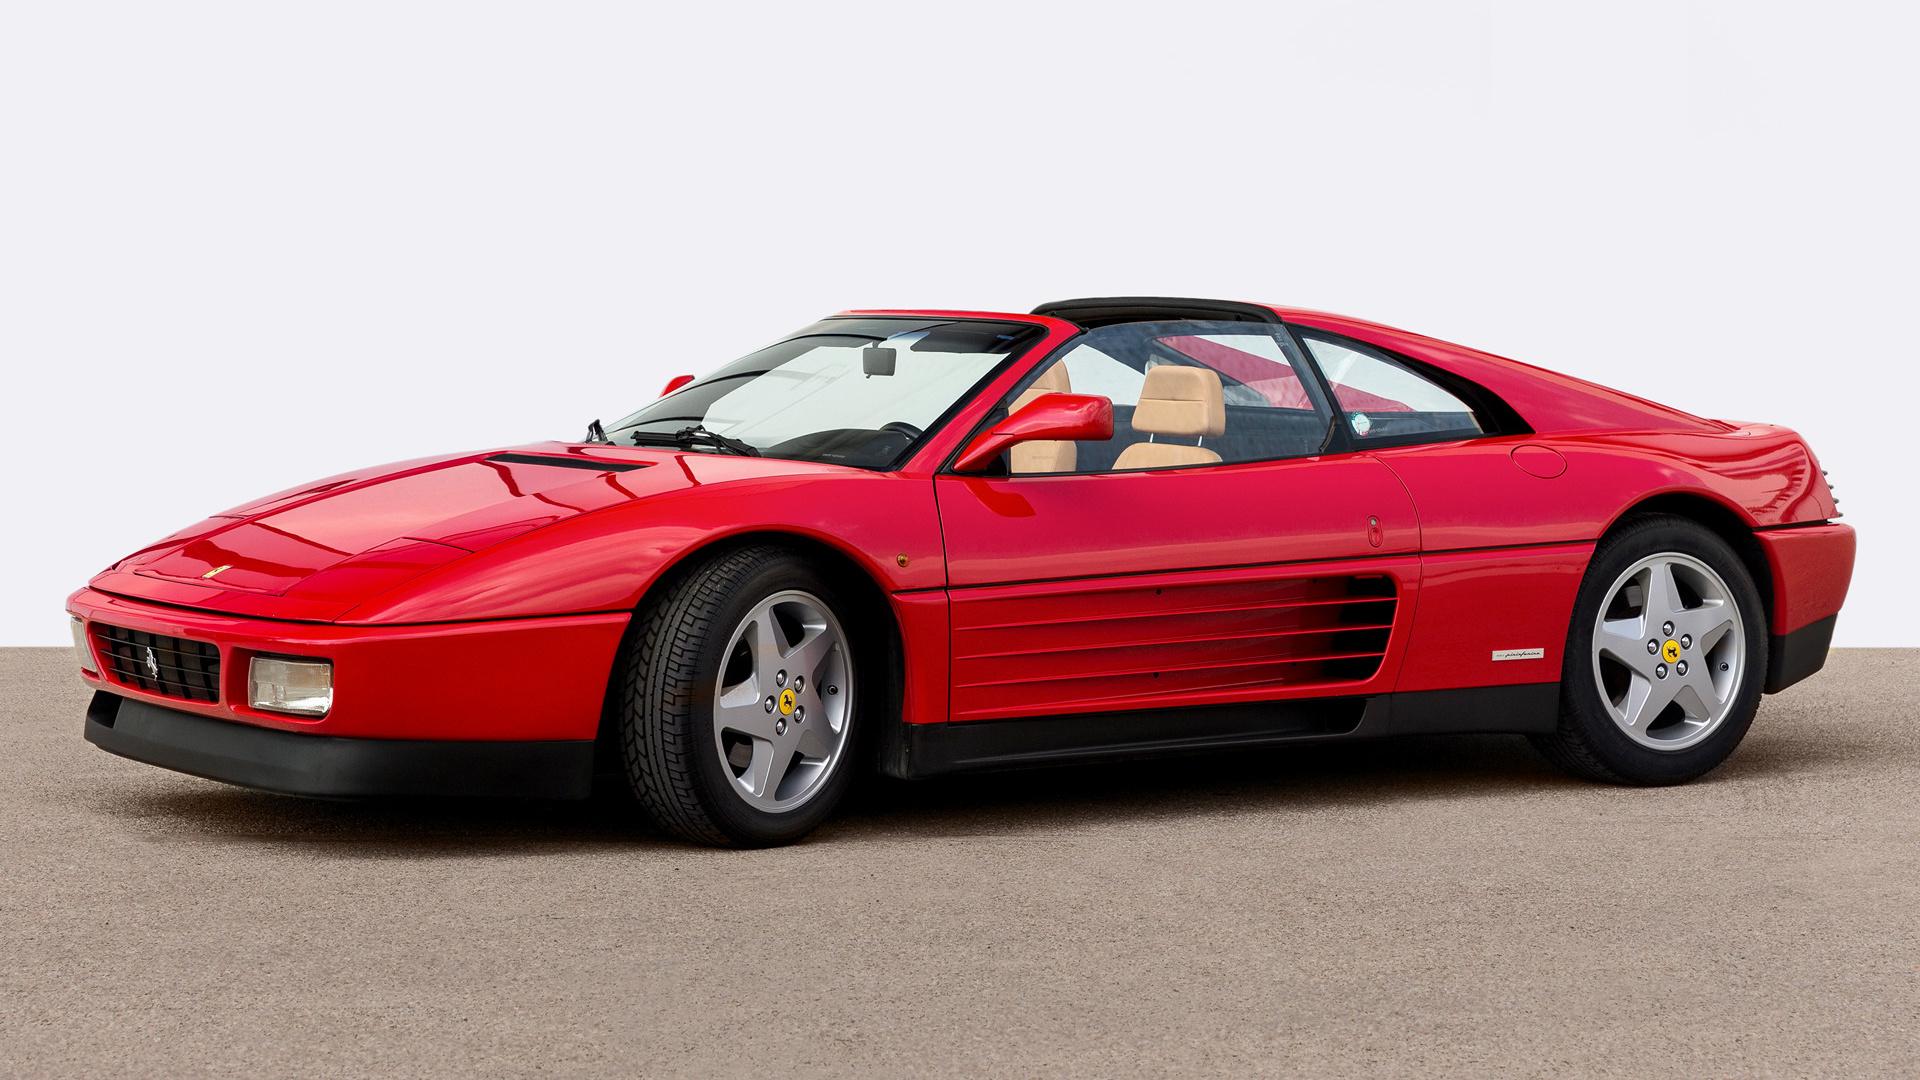 1989 Ferrari 348 Ts Fondo De Pantalla Hd Fondo De